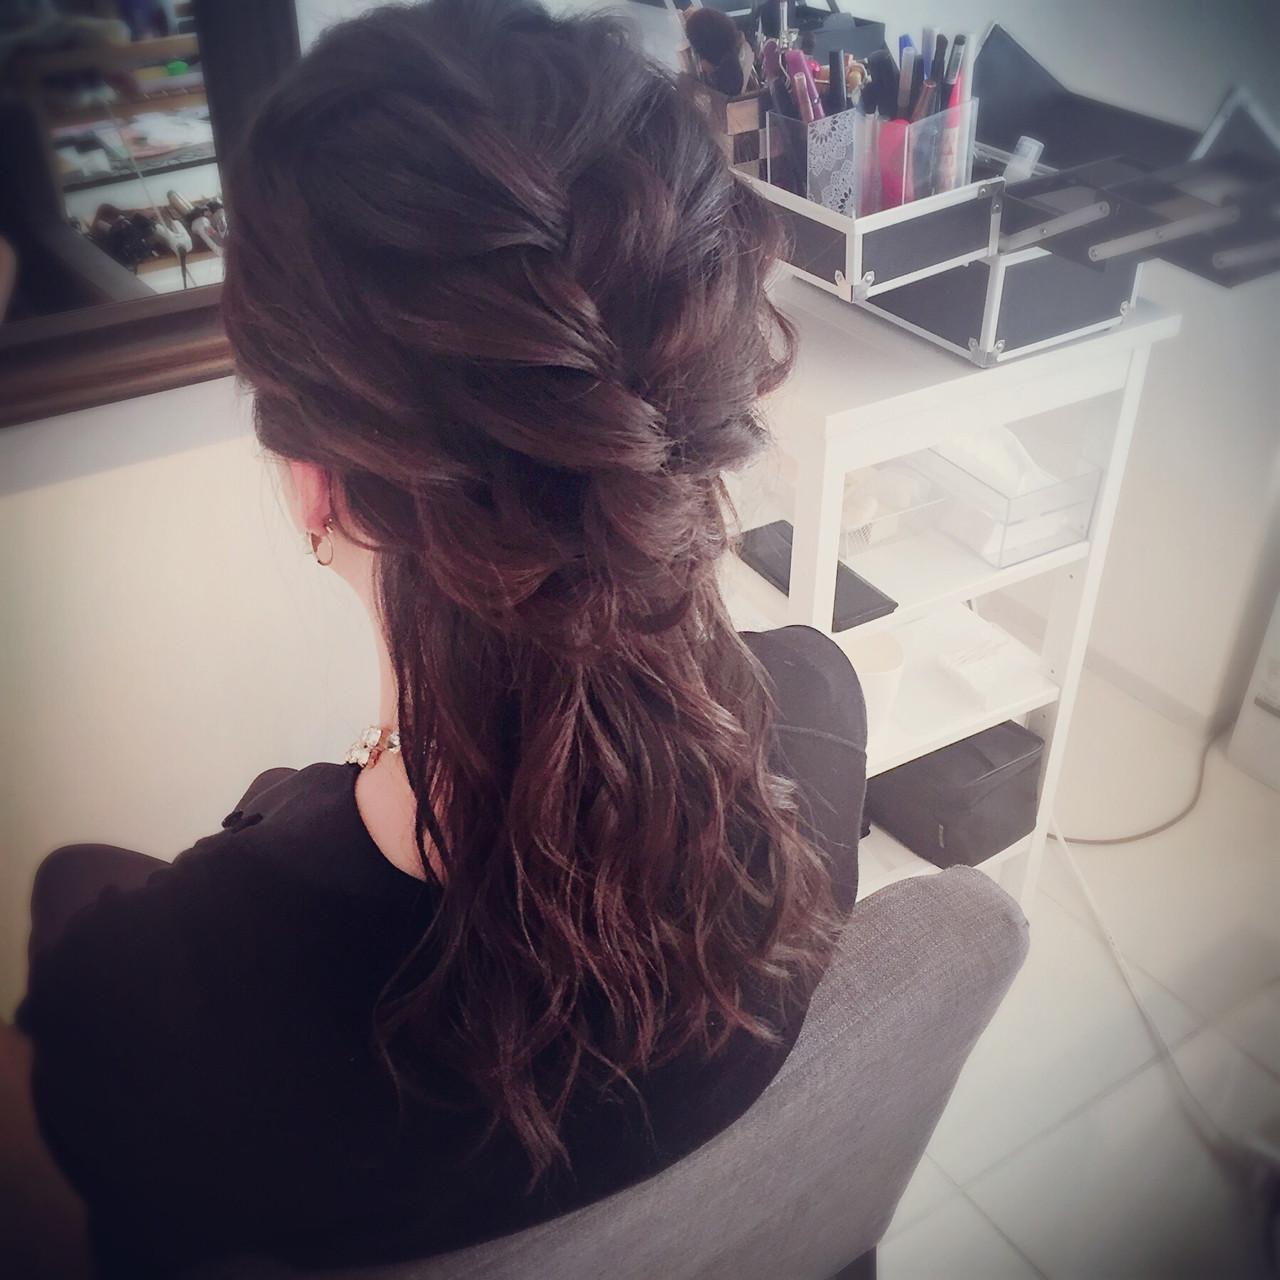 セミロング ハーフアップ フェミニン ショート ヘアスタイルや髪型の写真・画像 | *hamai* / フリー